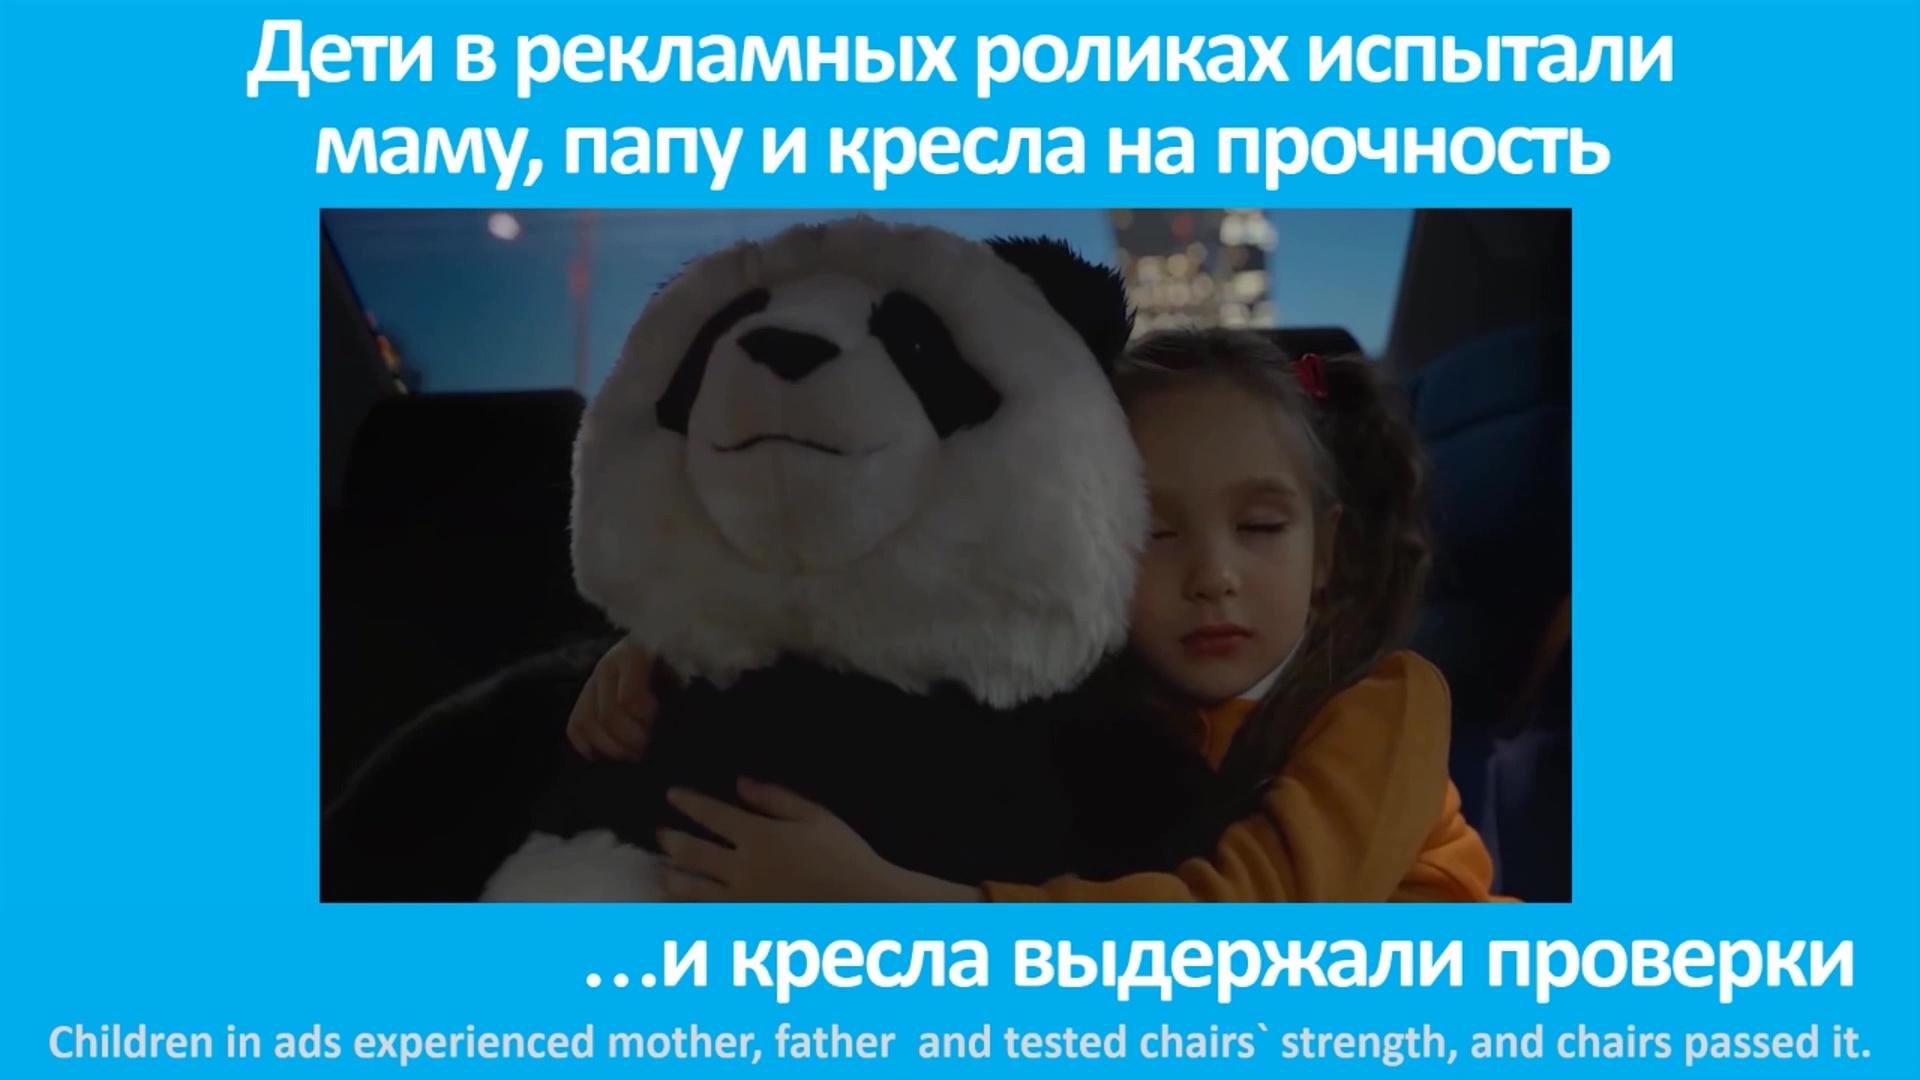 2018_ru_2018_1290_hero_1